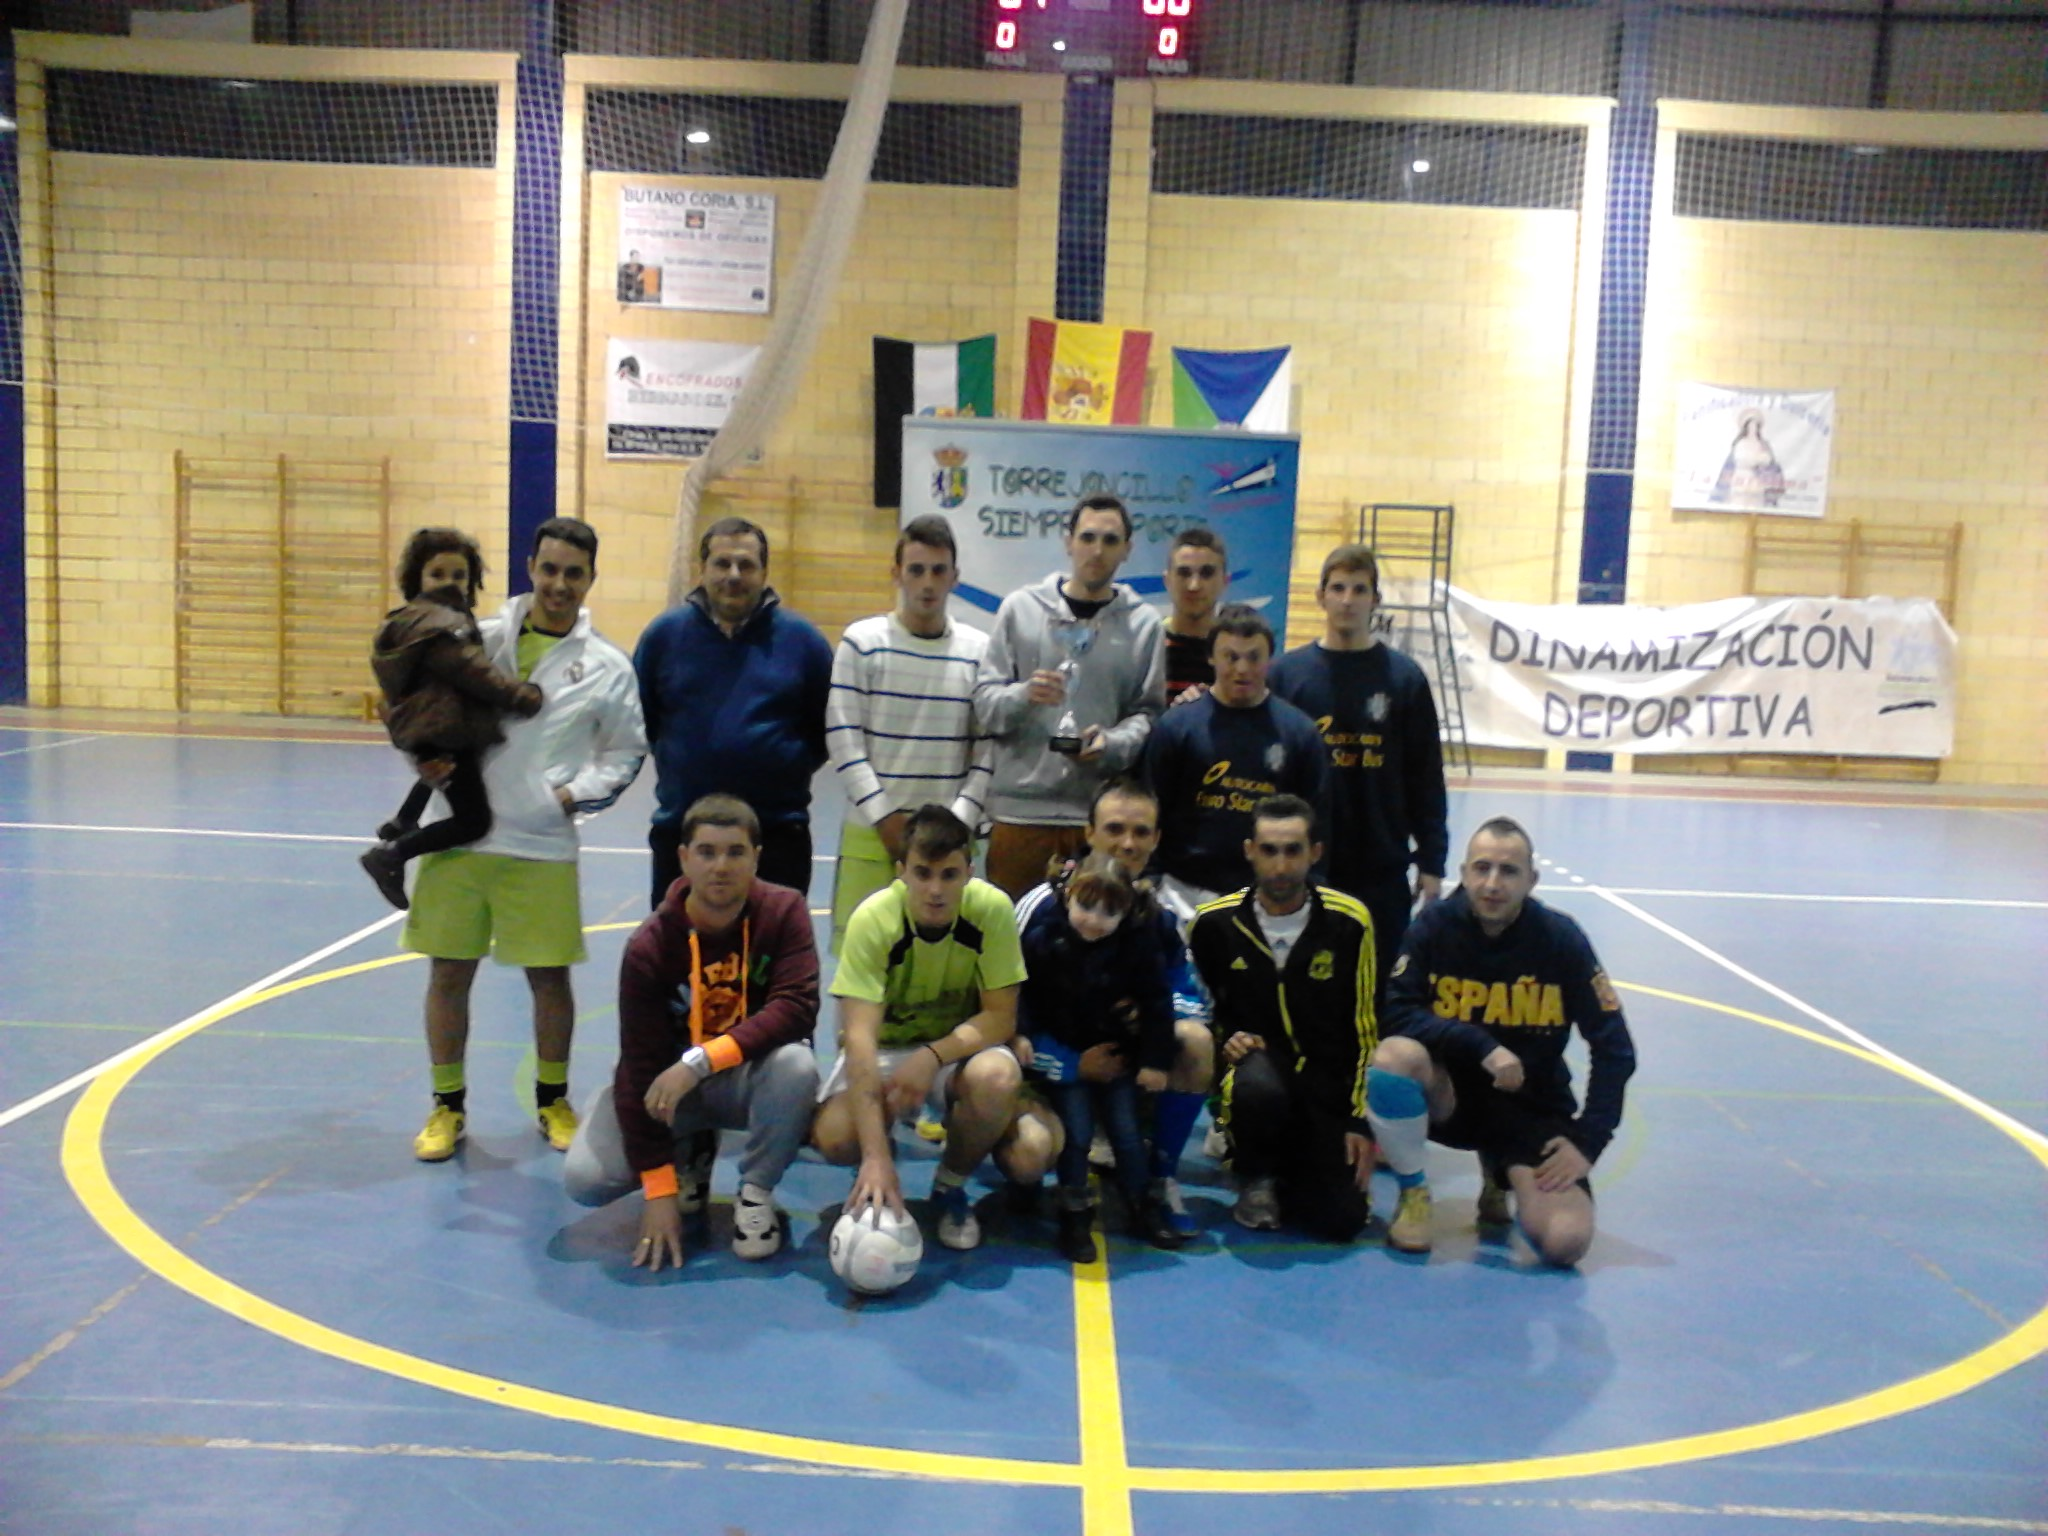 Estructuras Gogal se hace con el título de campeón del IX Torneo «Anví-Chopera» de Fútbol Sala